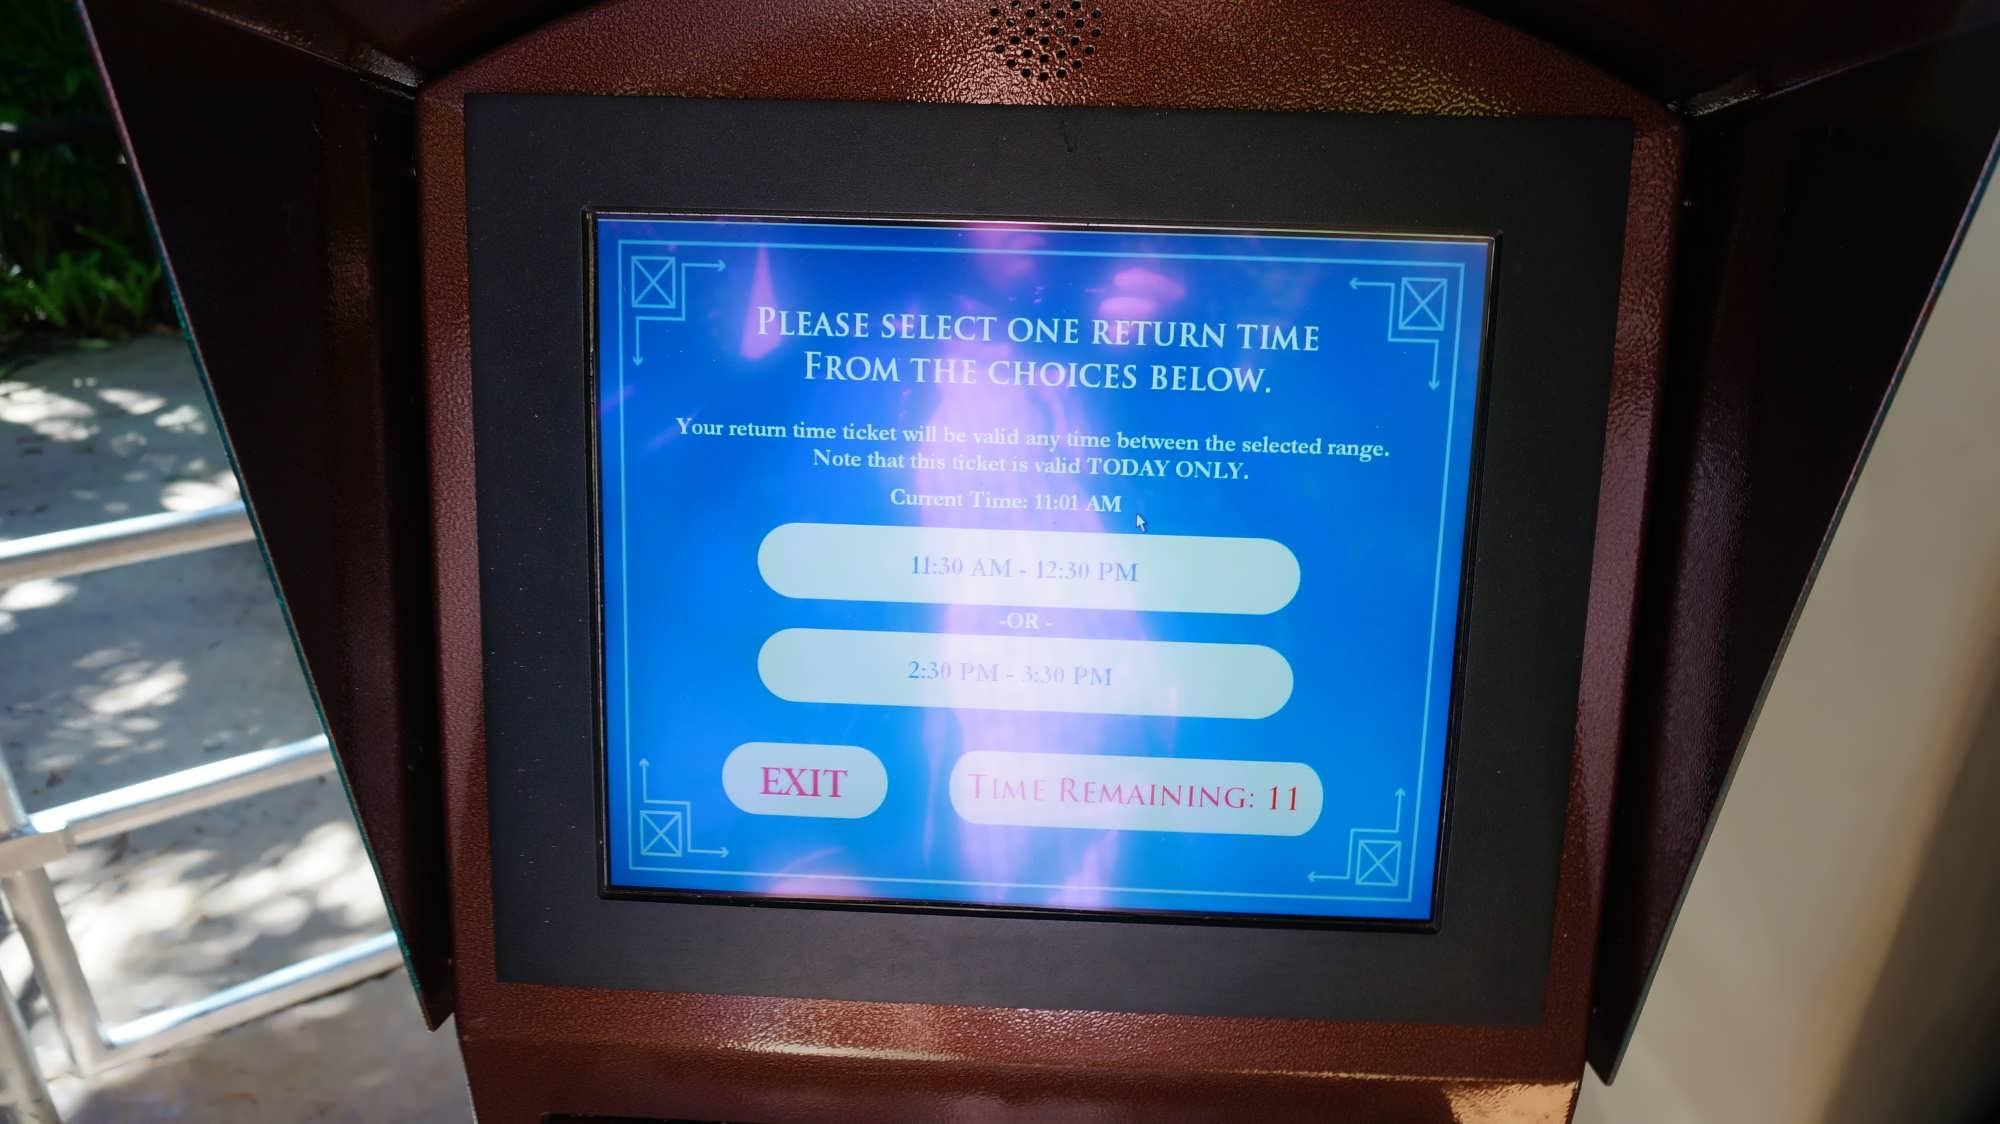 Return ticket kiosk in Jurassic Park